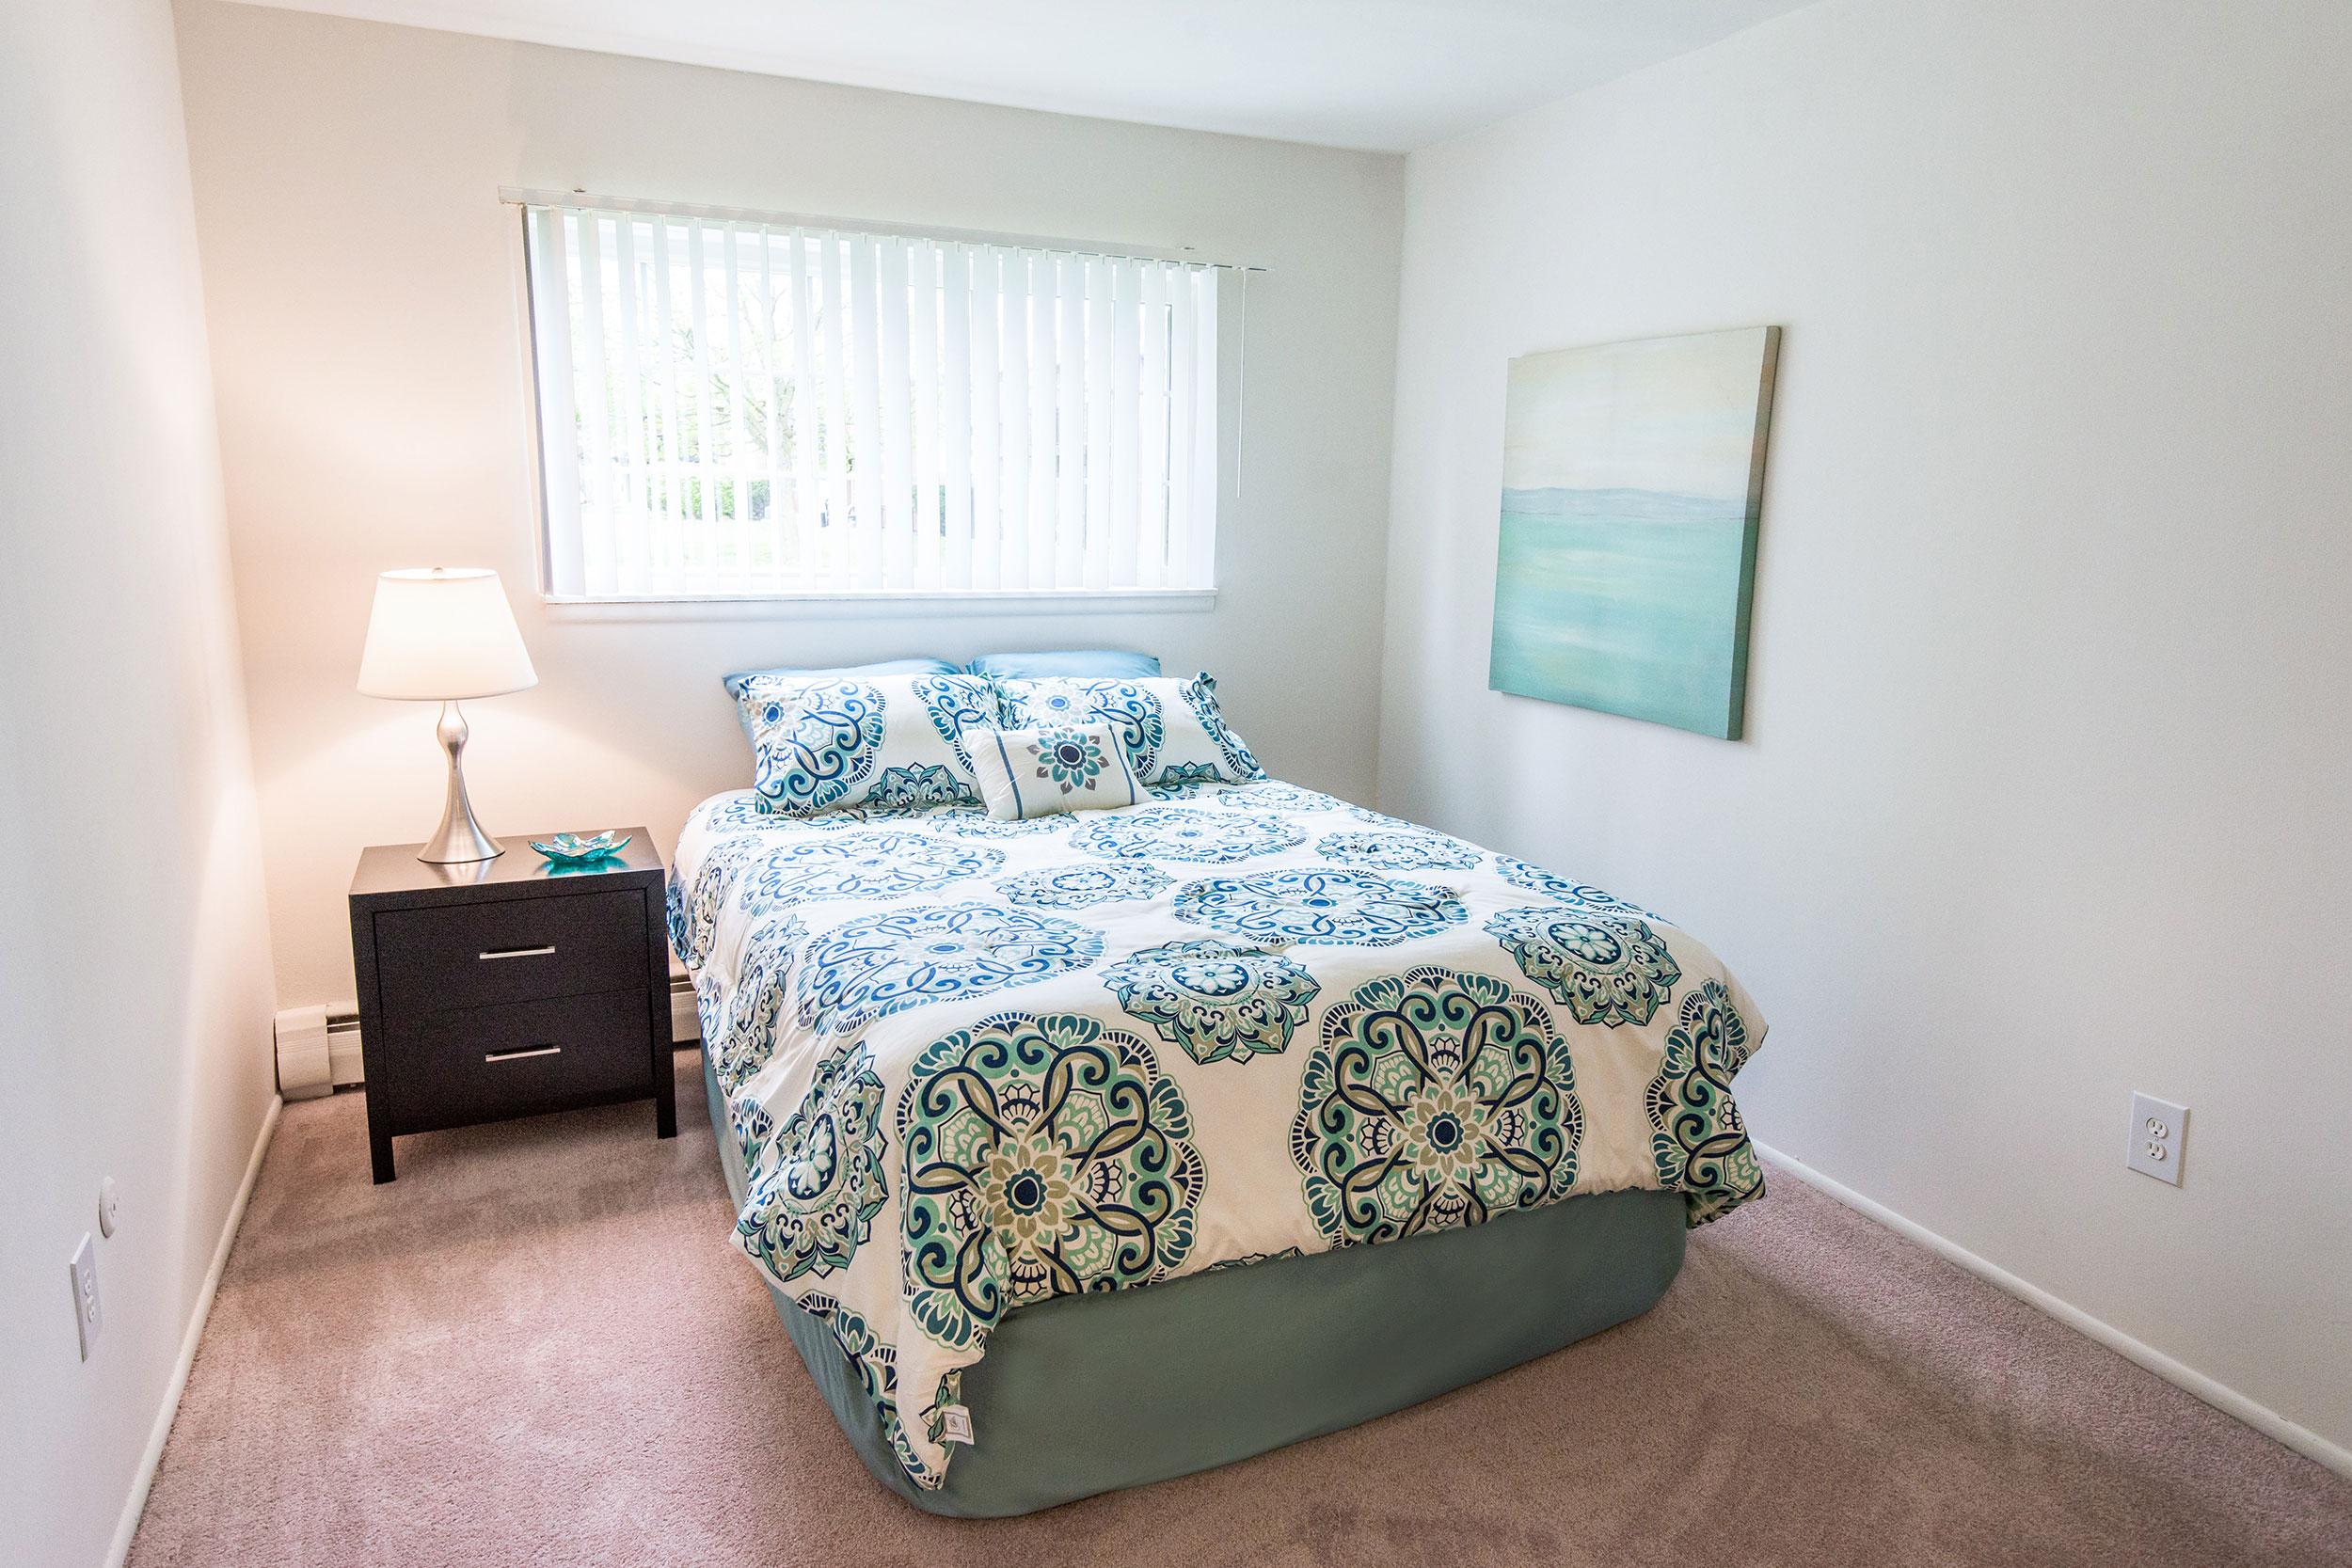 Tv-20860-20bedroom-20ll-2